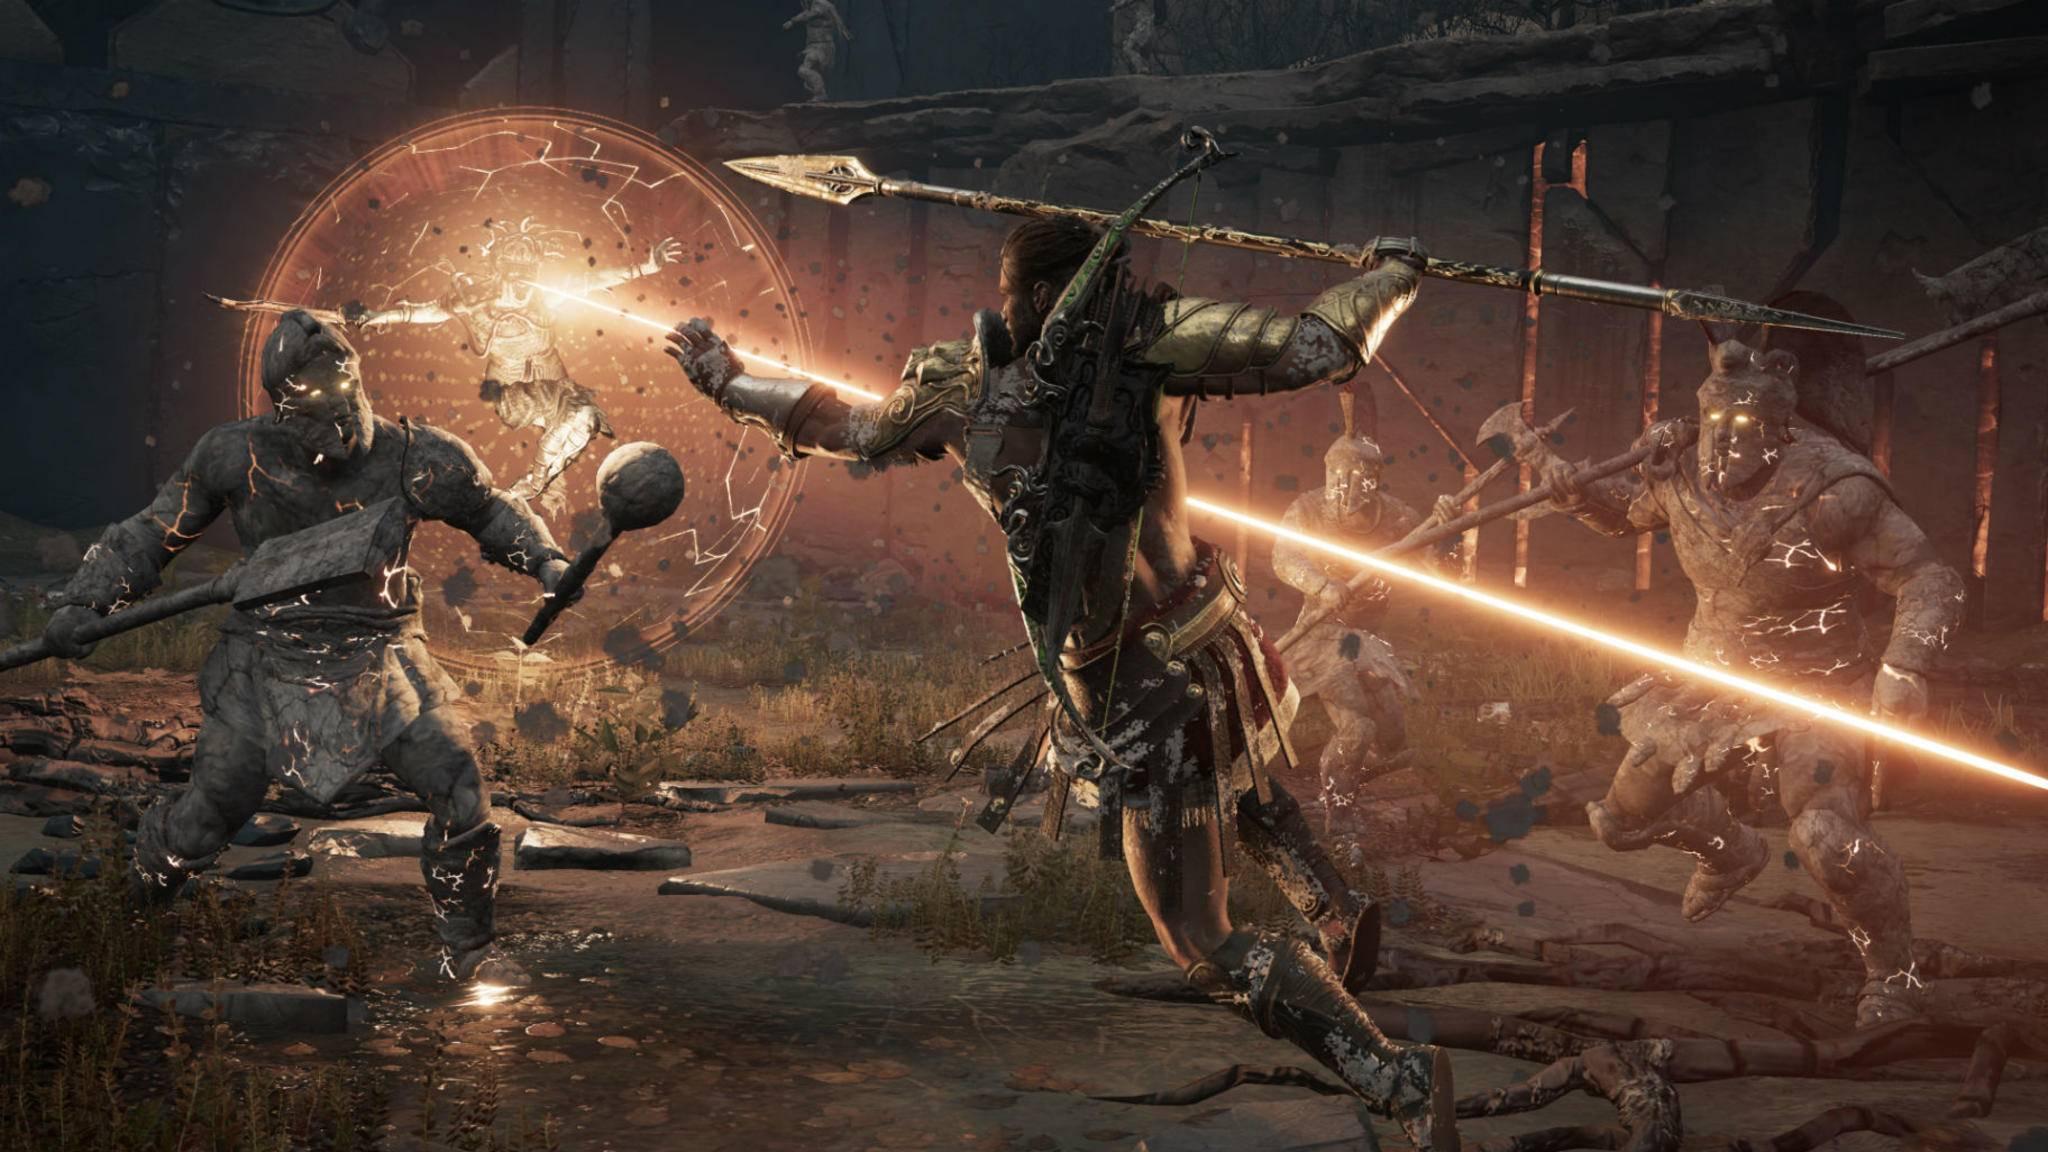 assassins-creed-odyssey-gamescom-medusa-screenshot